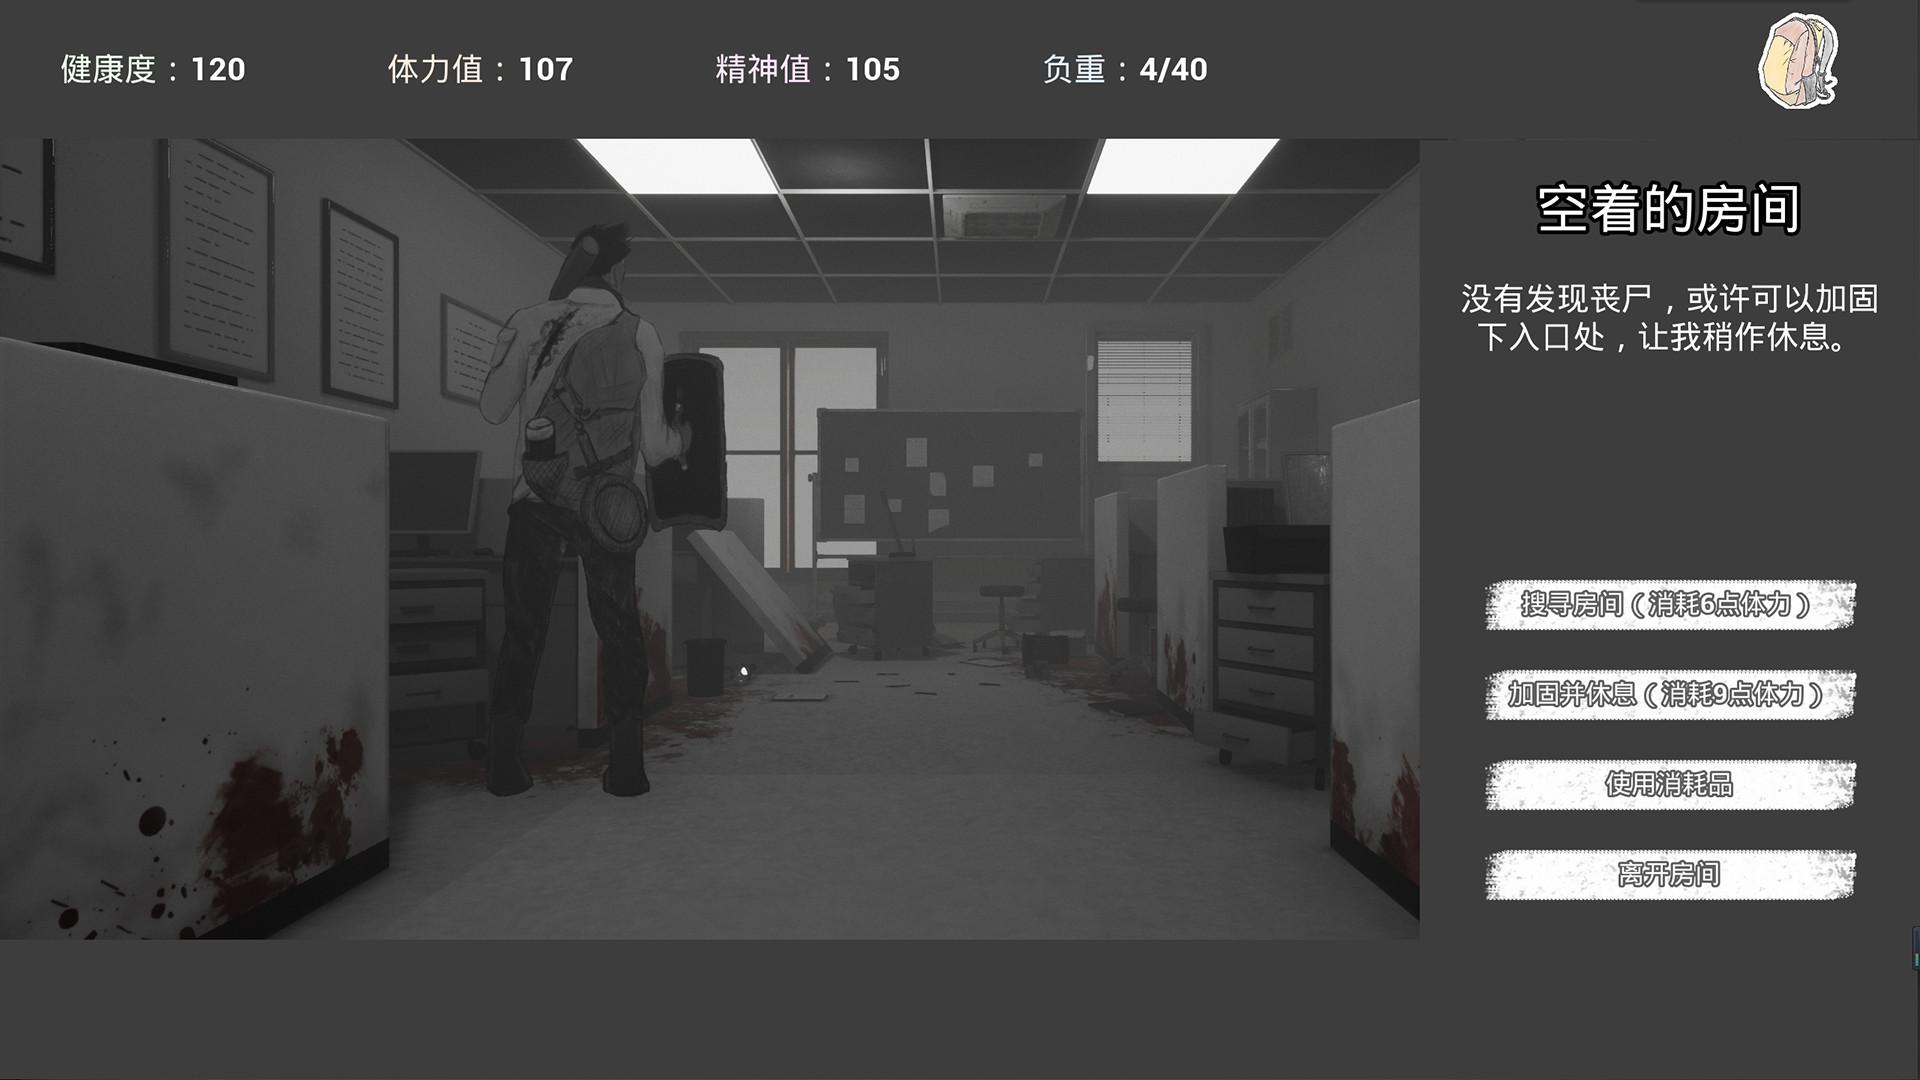 废土黄昏 Dusk of the wasteland age screenshot